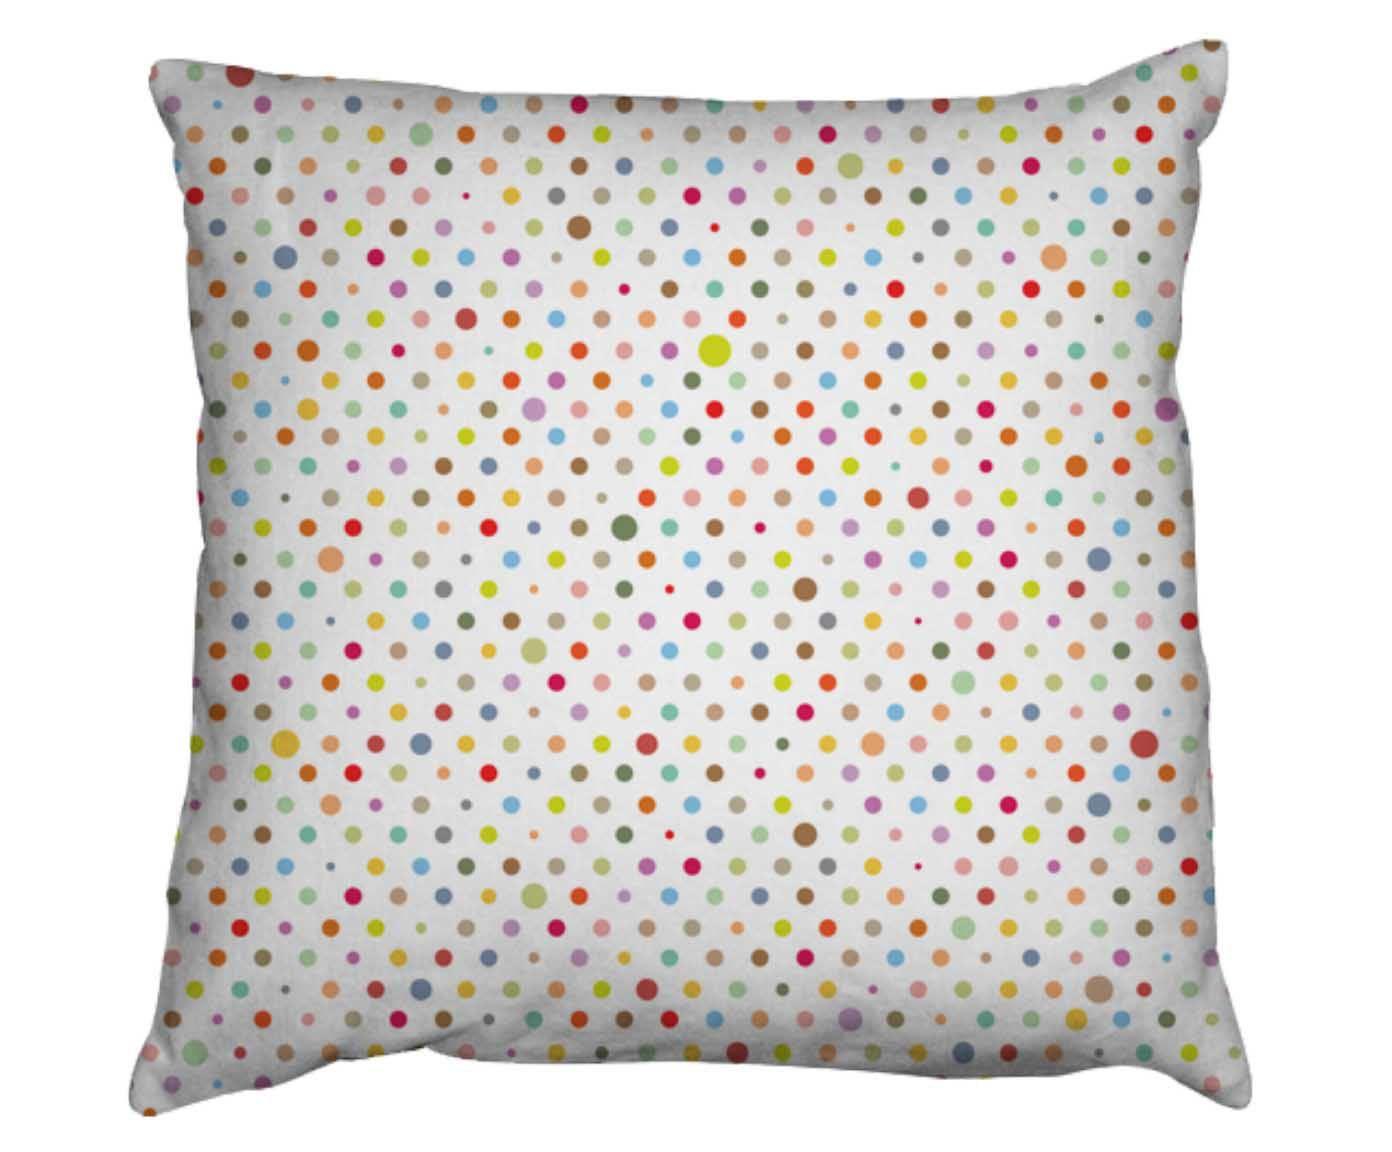 Capa para almofada cute | Westwing.com.br